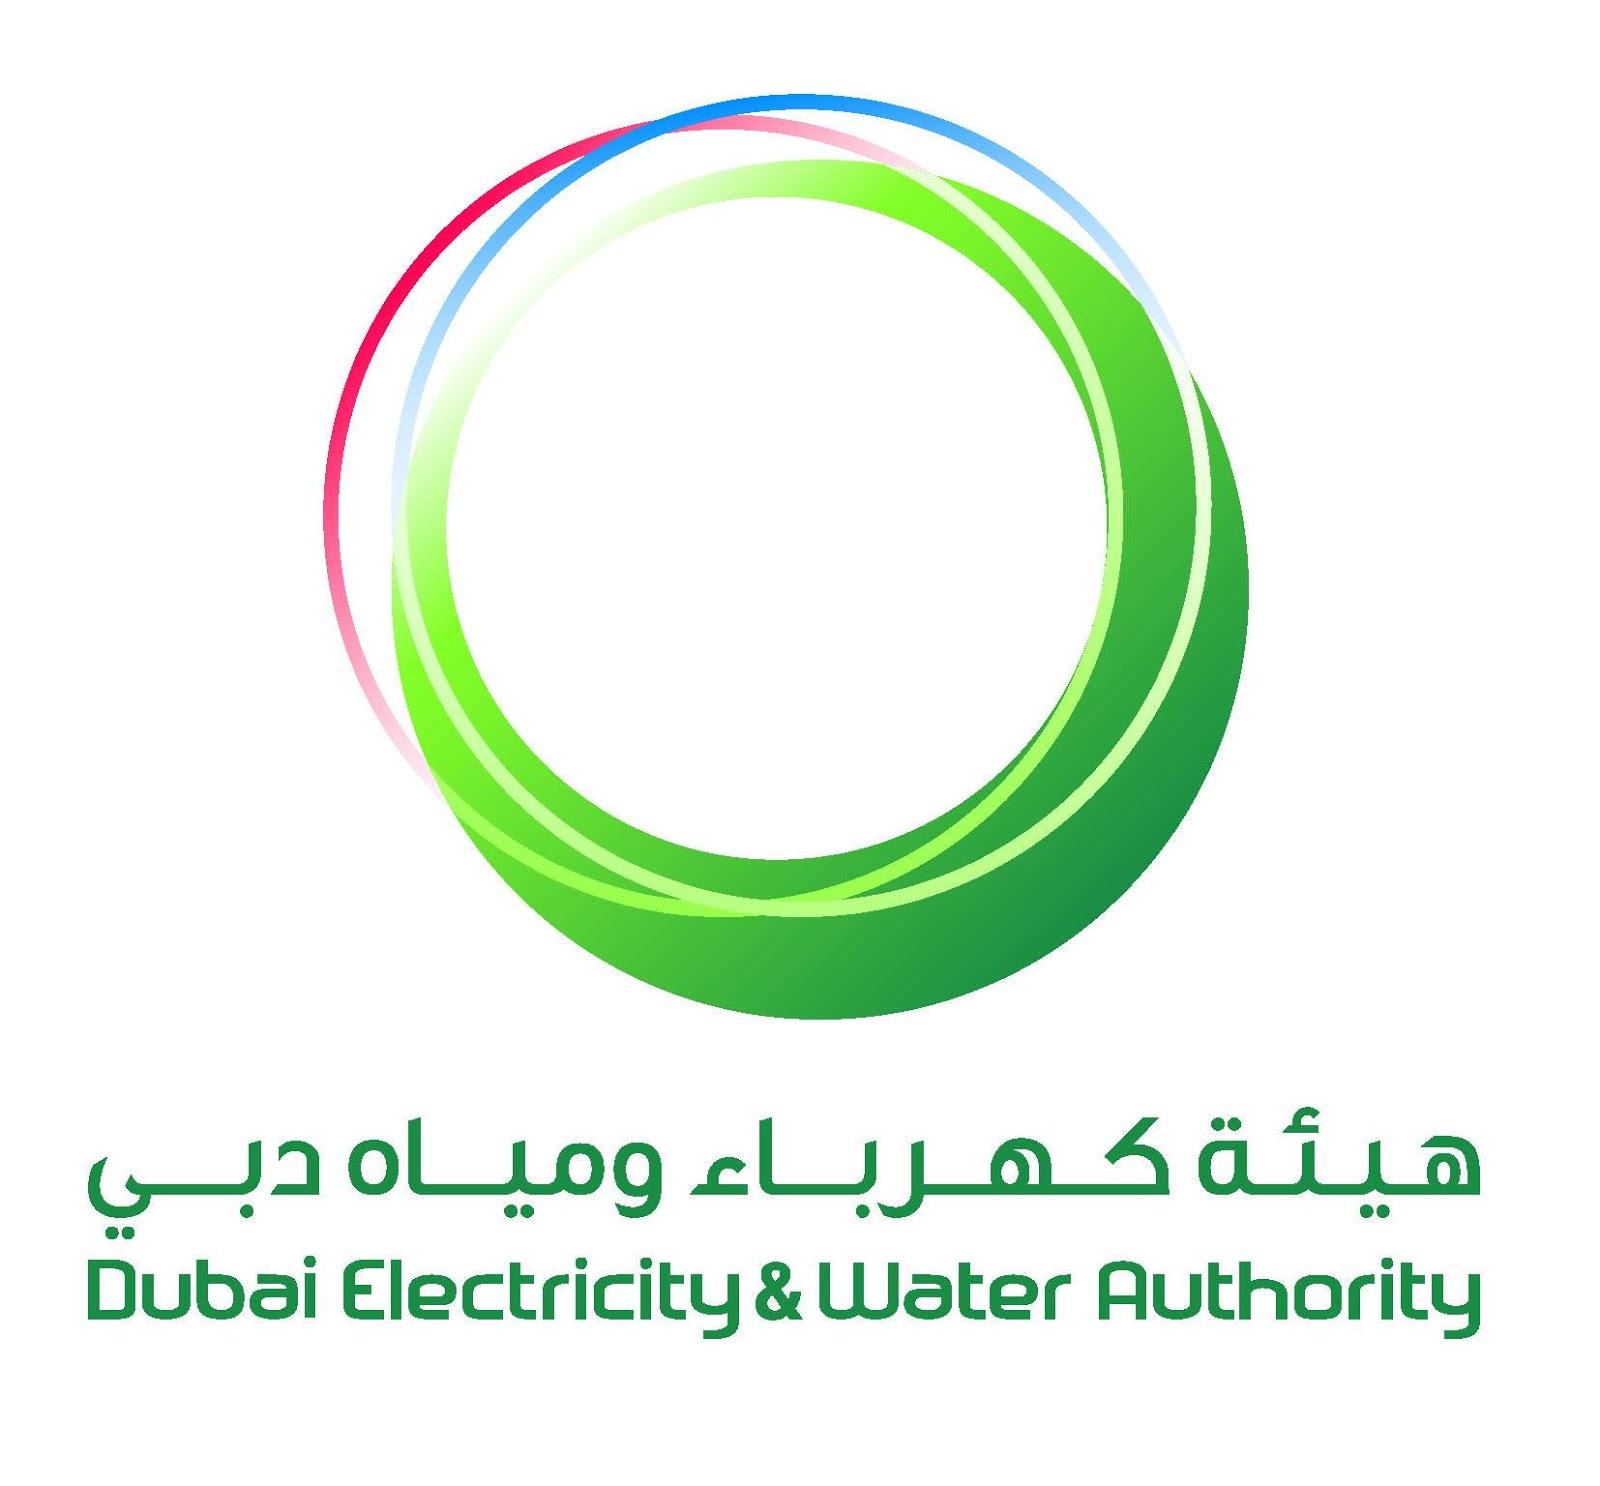 وظائف خالية في هيئه كهرباء وماء دبي فى الإمارات 2018